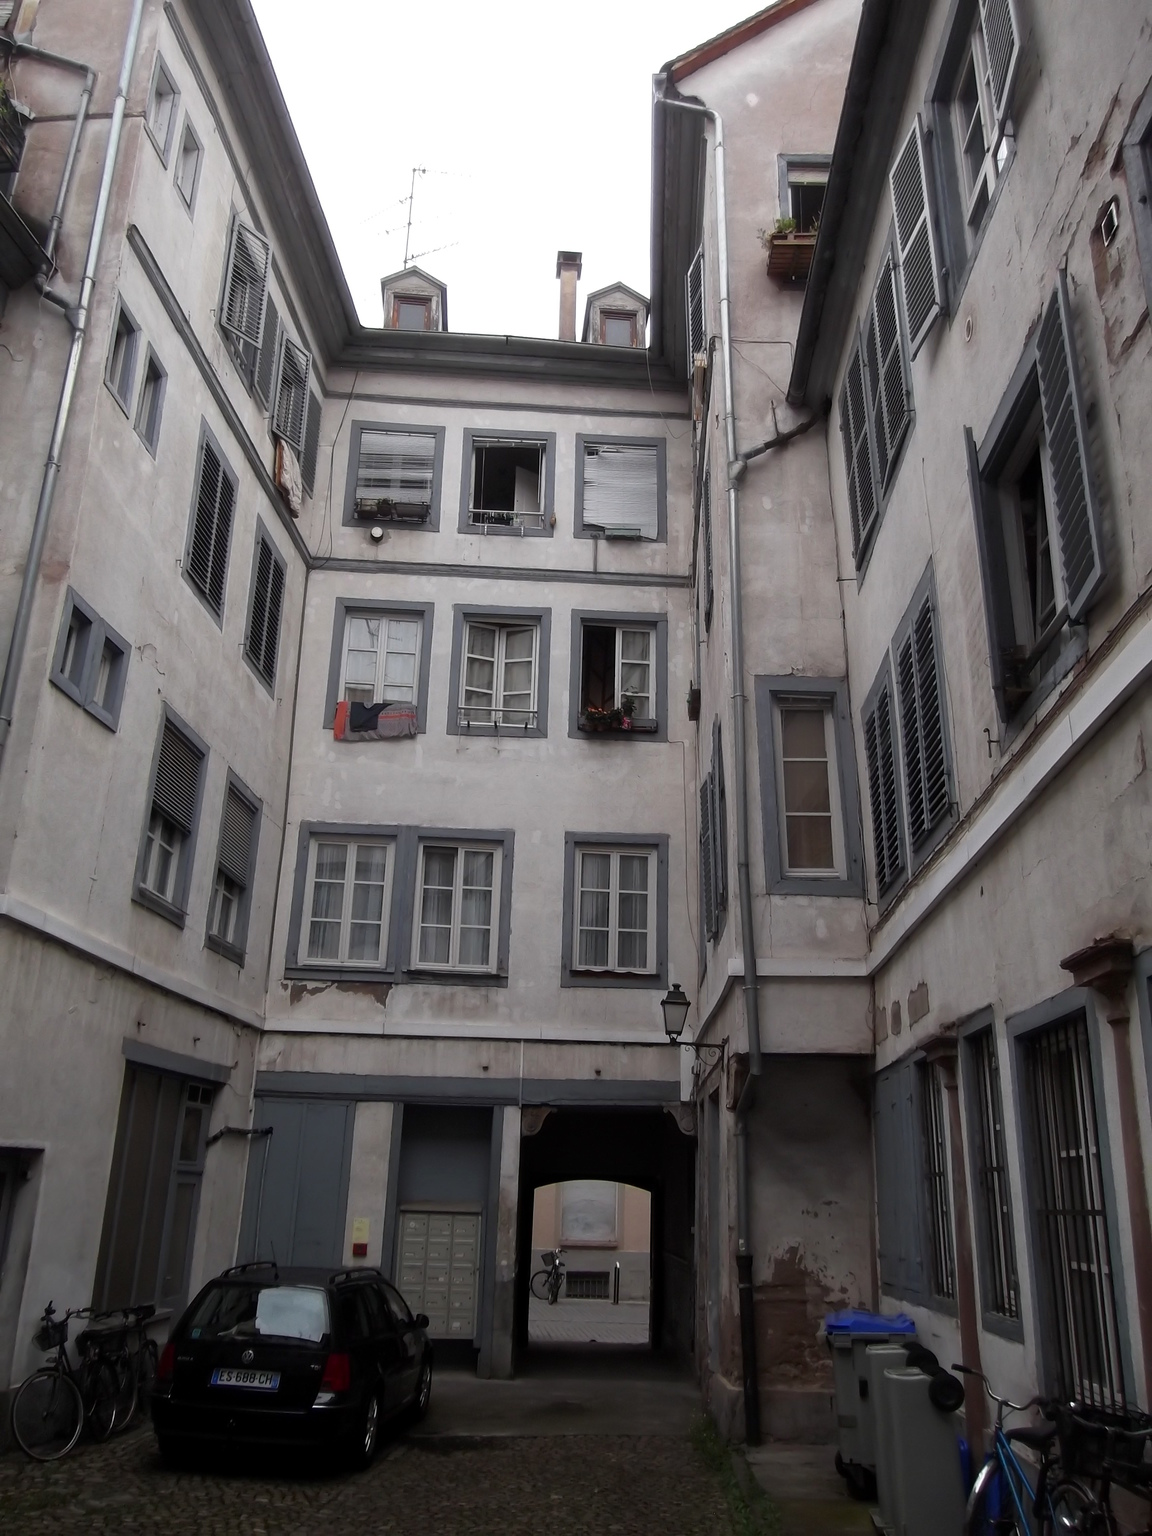 Maisons de Strasbourg » Résultats de recherche »